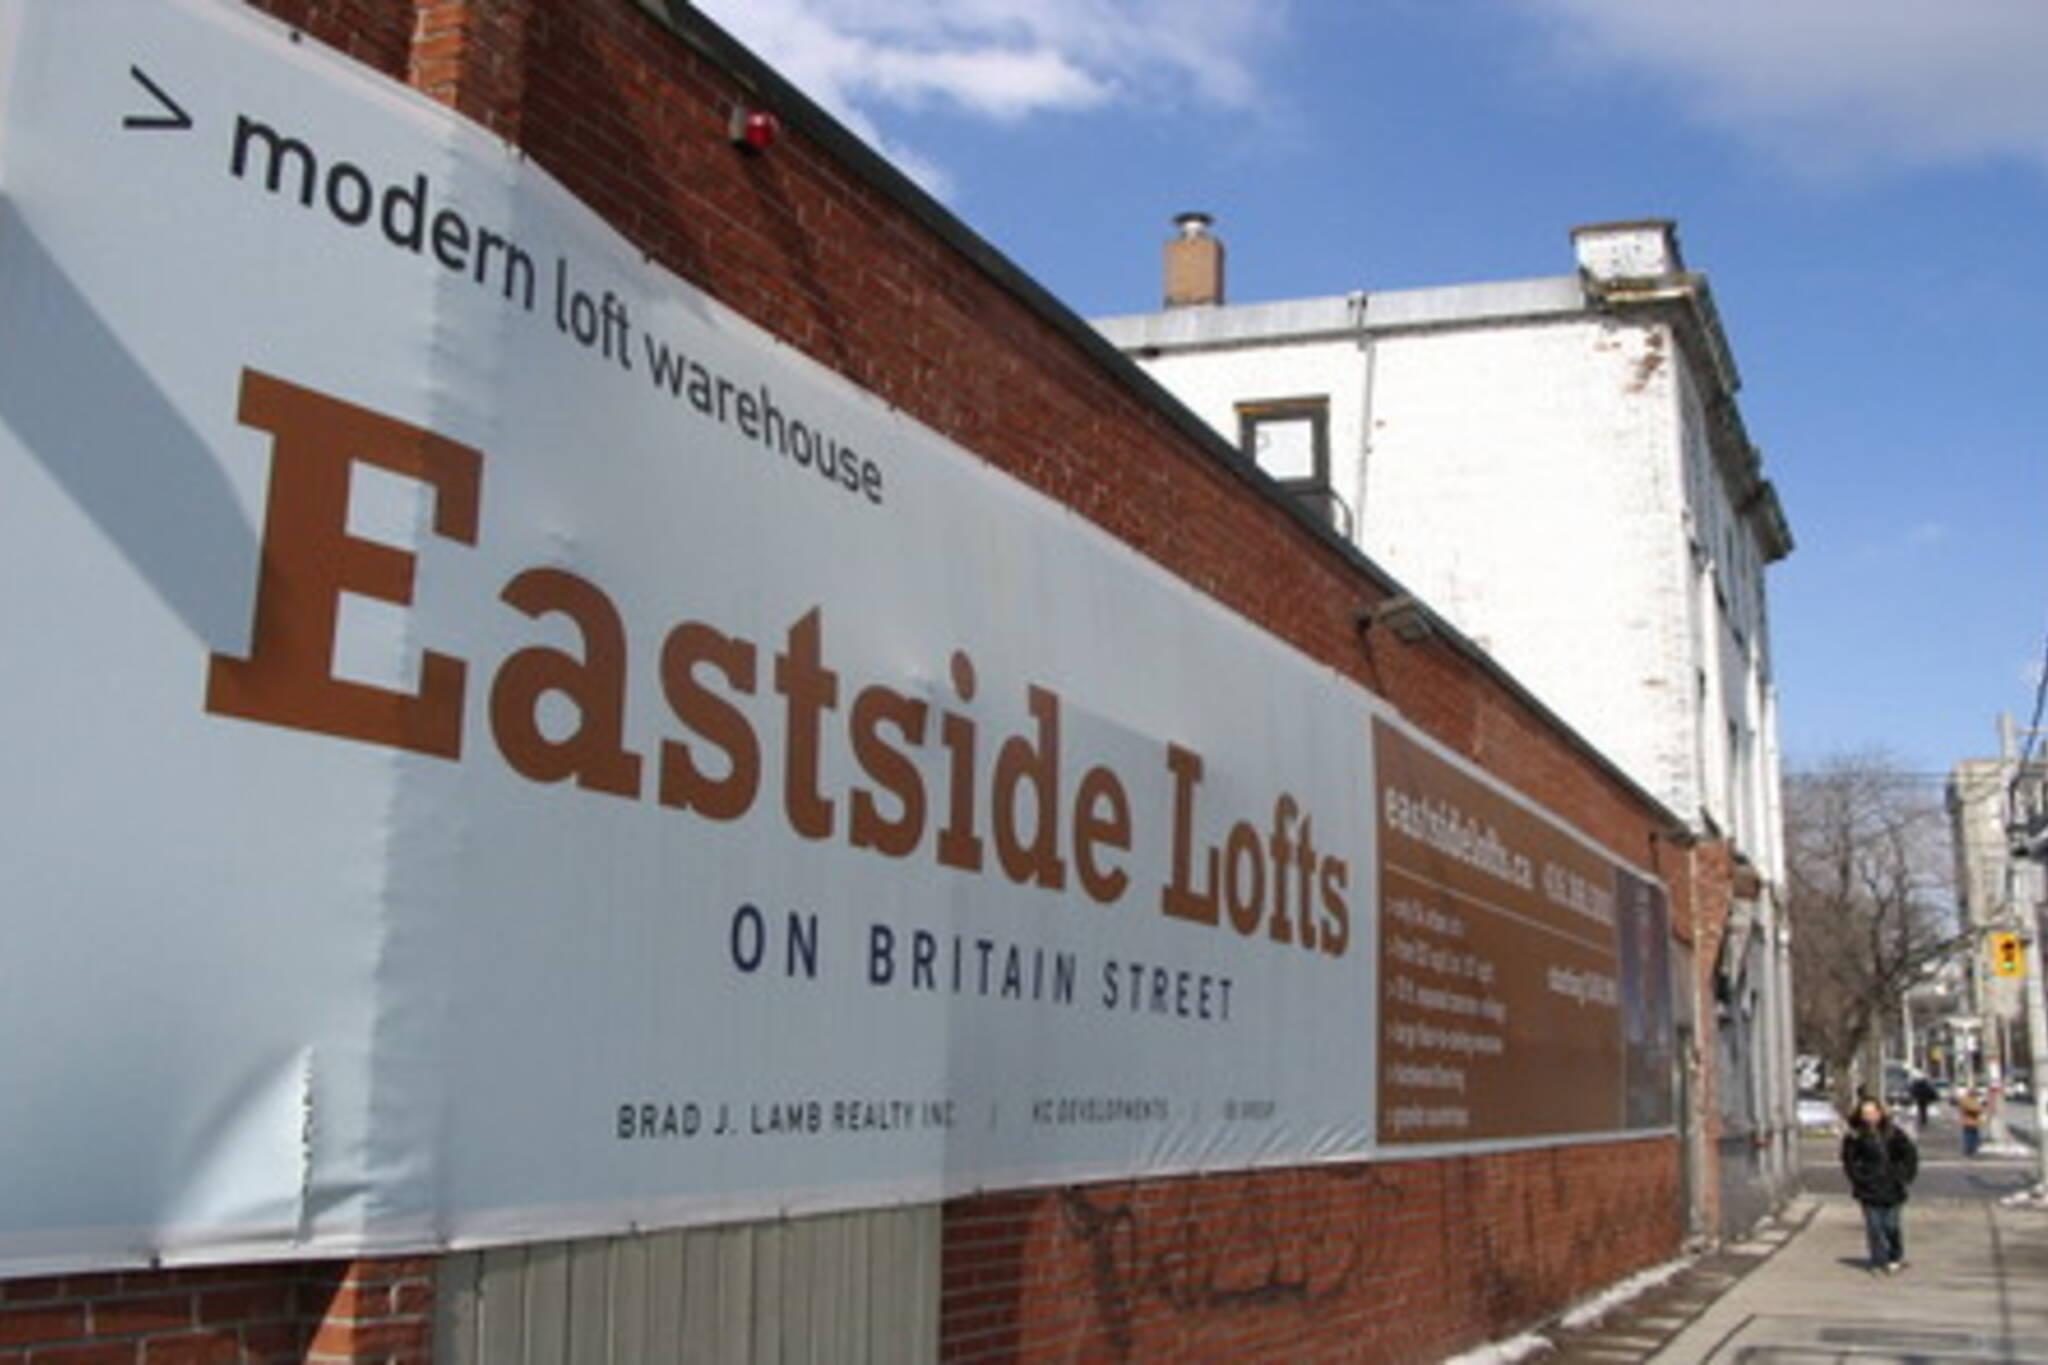 East Side Lofts.jpg